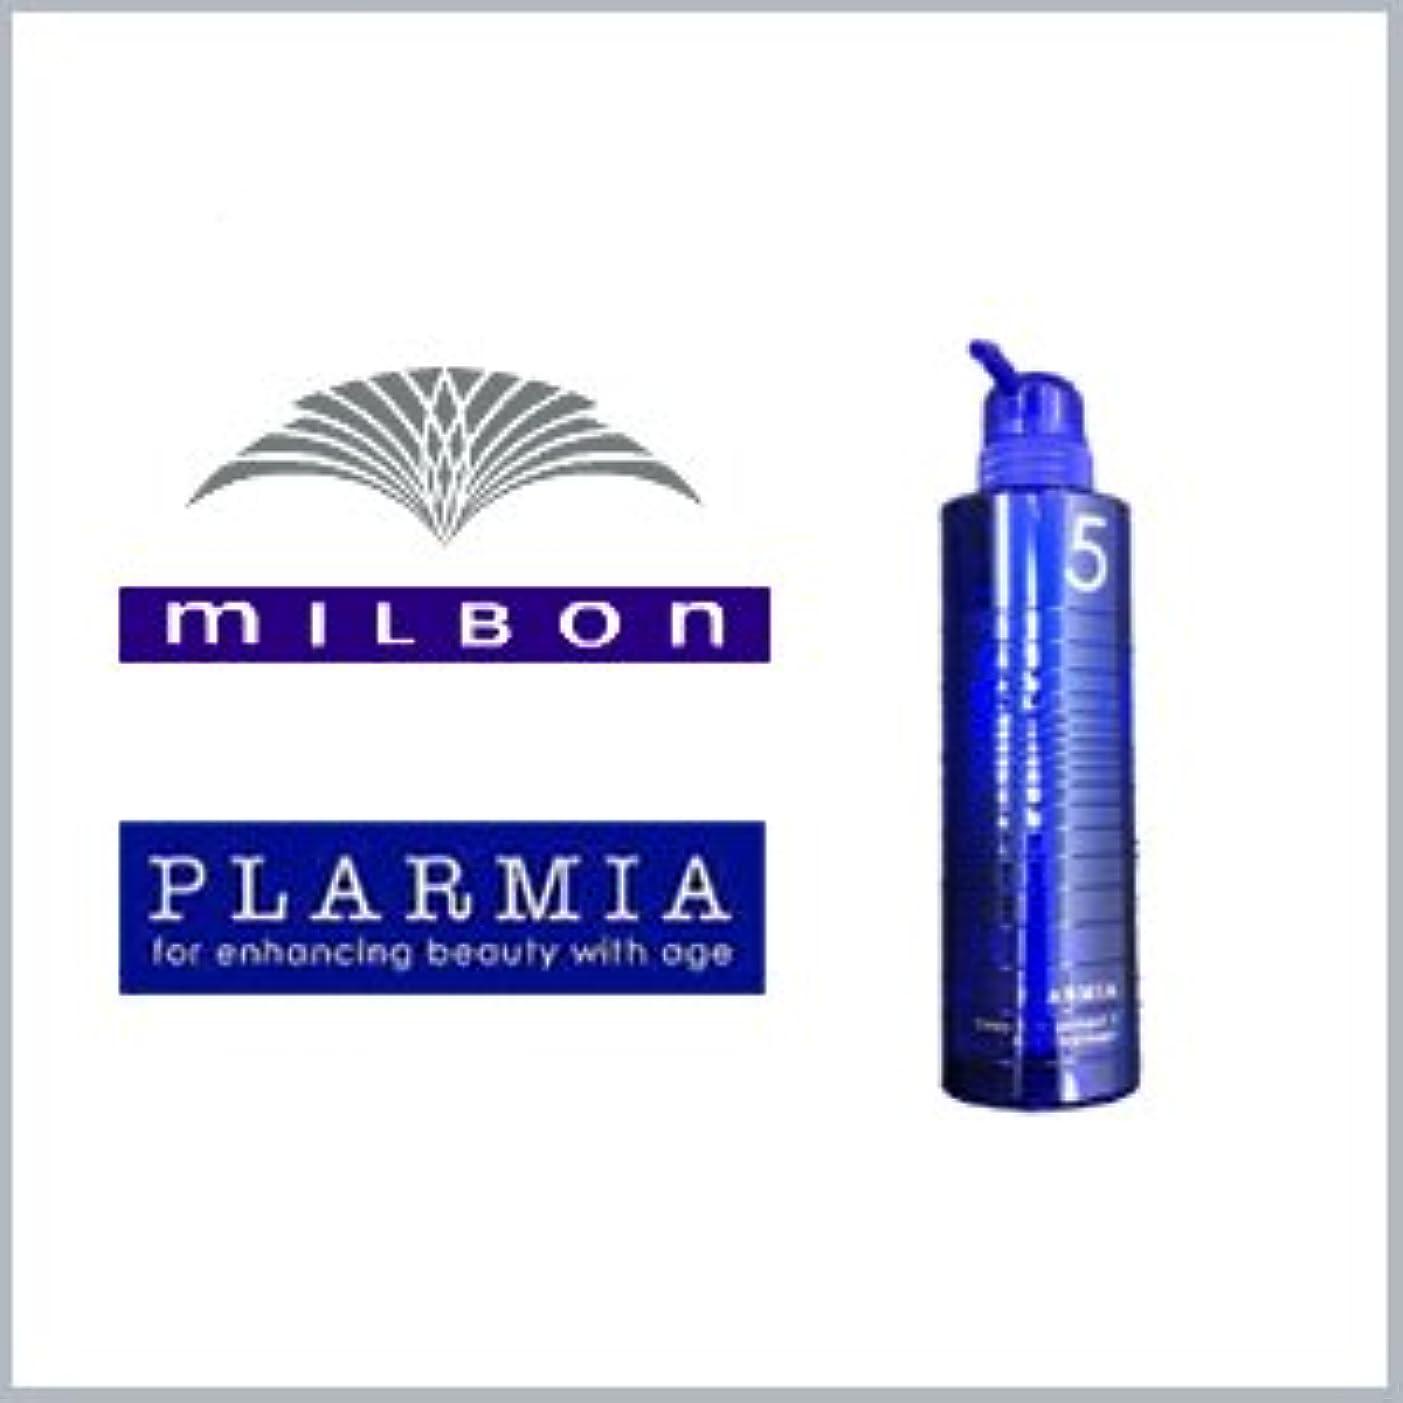 理容室照らす線ミルボン プラーミア ディープエナジメント5 空容器 500g